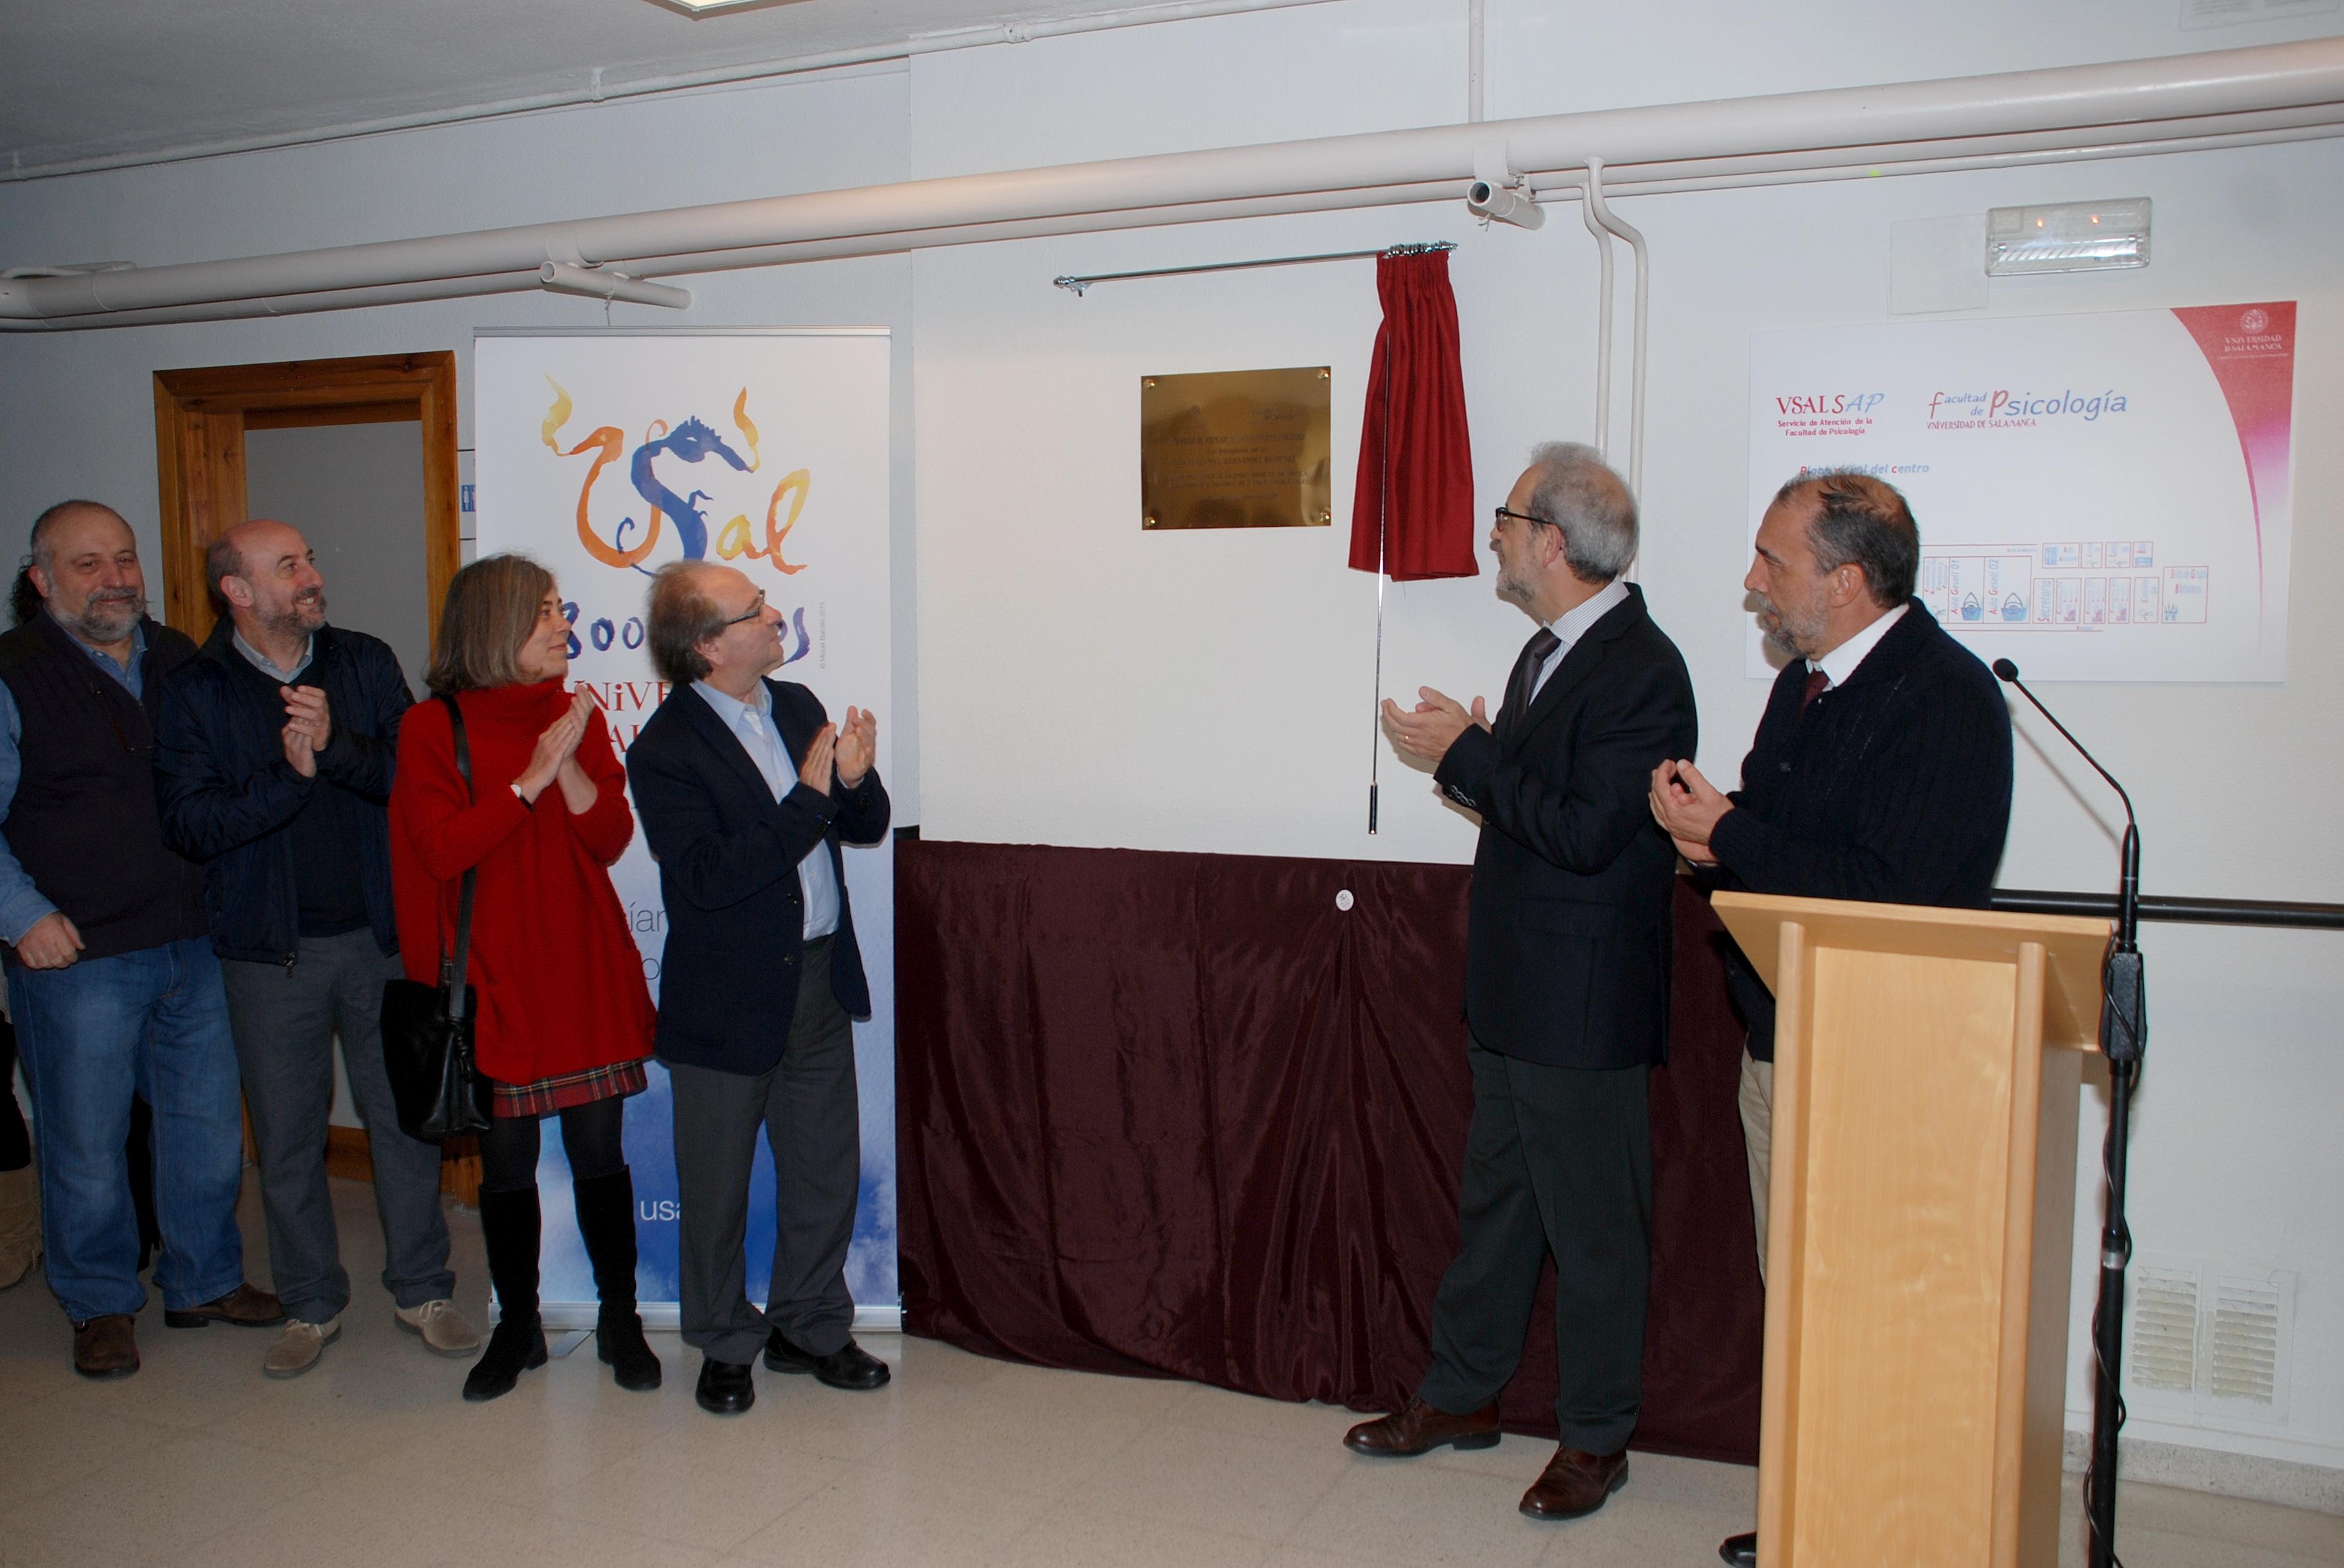 Las 17 unidades que integran el nuevo Servicio de Atención Psicológica reforzarán la labor asistencial de la Universidad de Salamanca